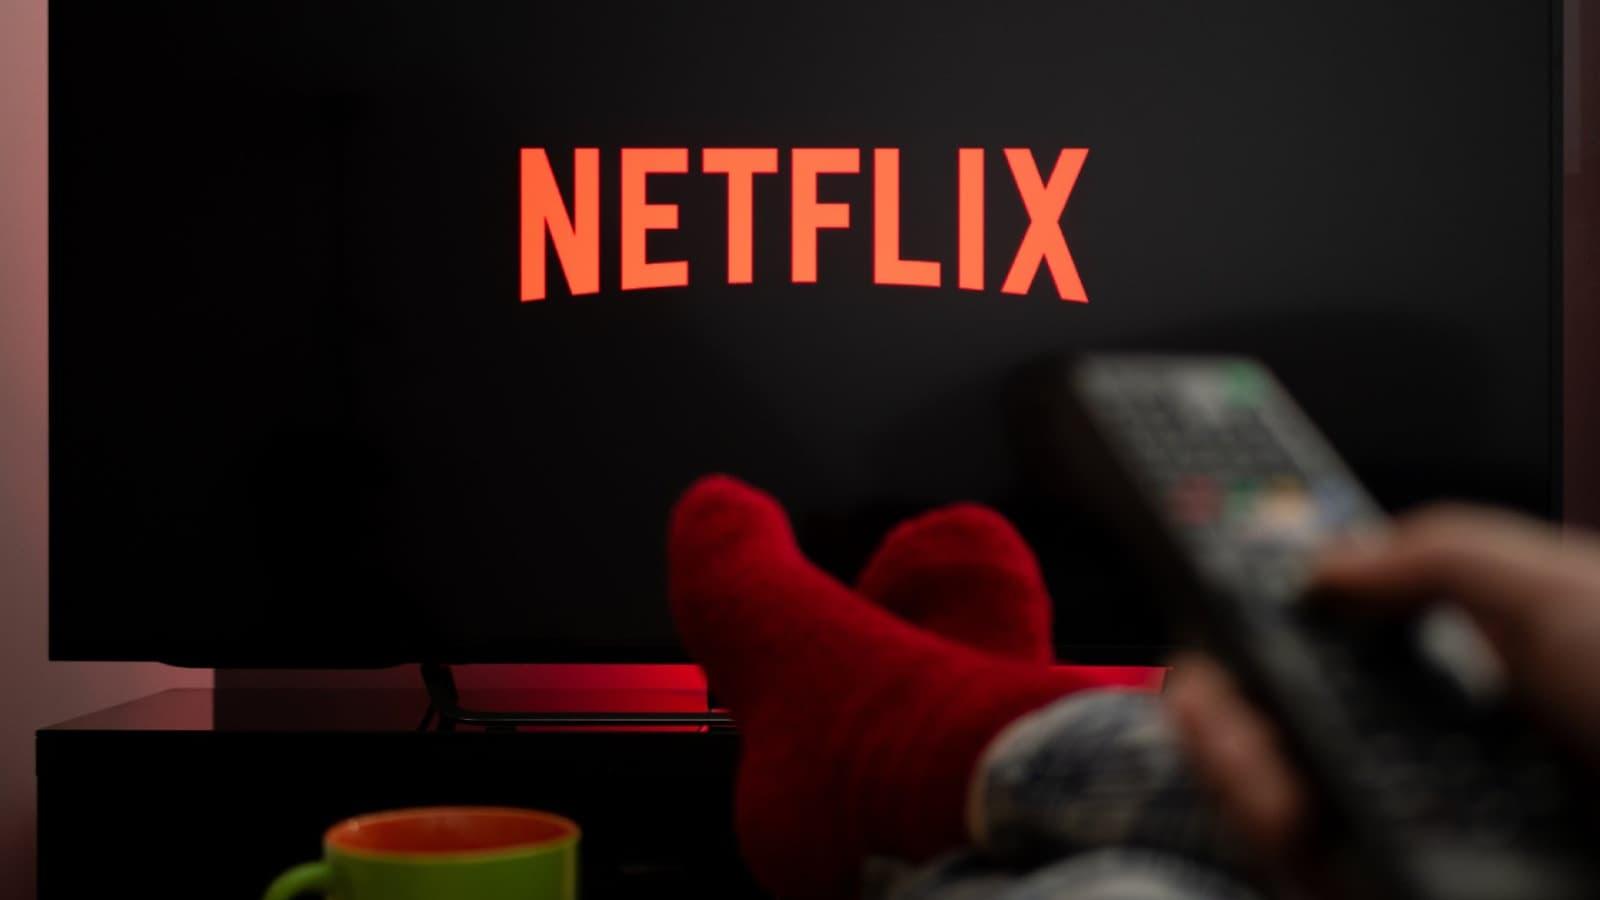 Netflix est disponible en option et sans engagement depuis la box SFR à partir de 7,99 €